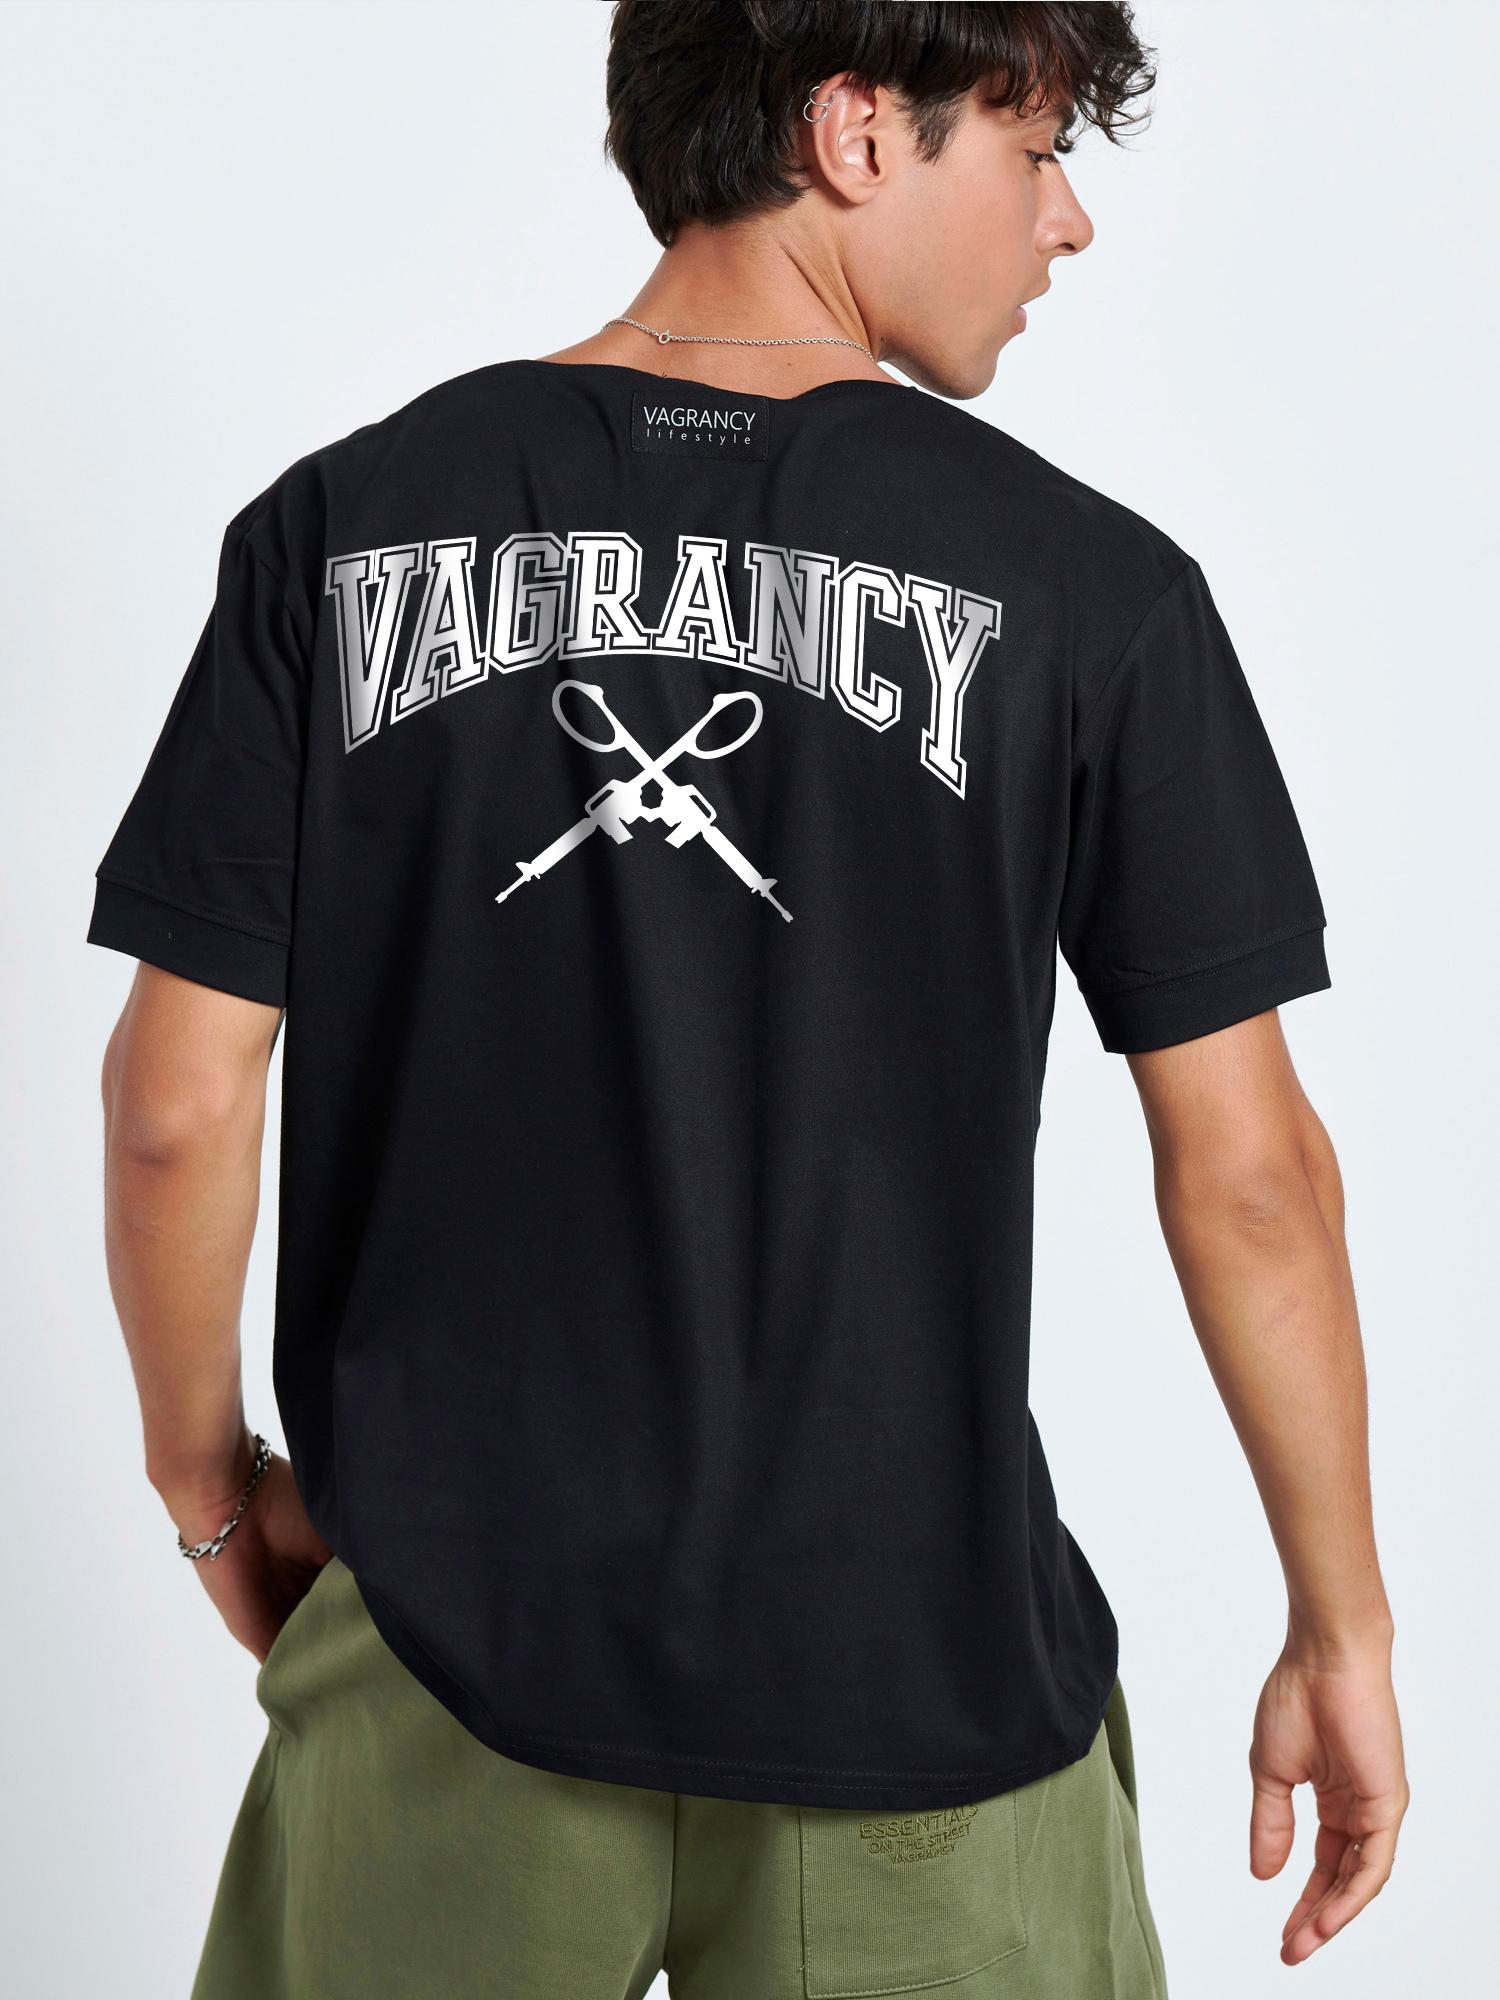 VAGRANCY BACK GUNS T-SHIRT